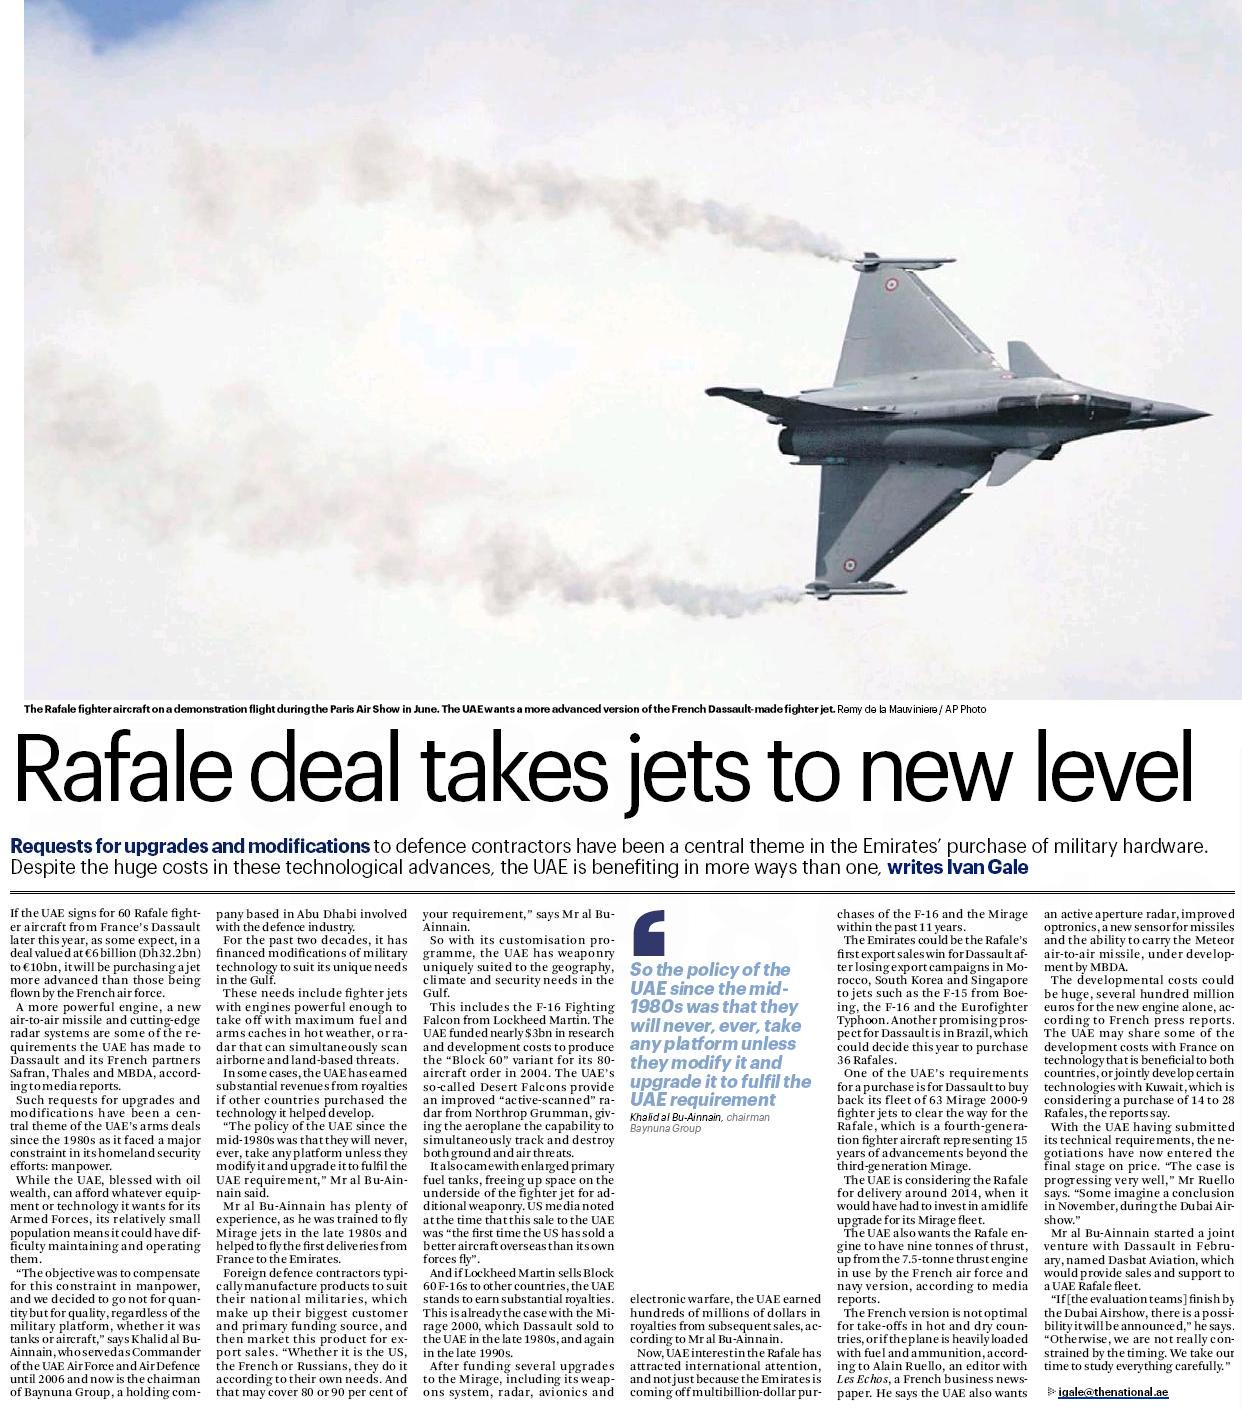 المقاتلة الاوروبية القادمة (( الرفال-Dassault Rafale )) بالتفصيل الملل حصريا - صفحة 4 1